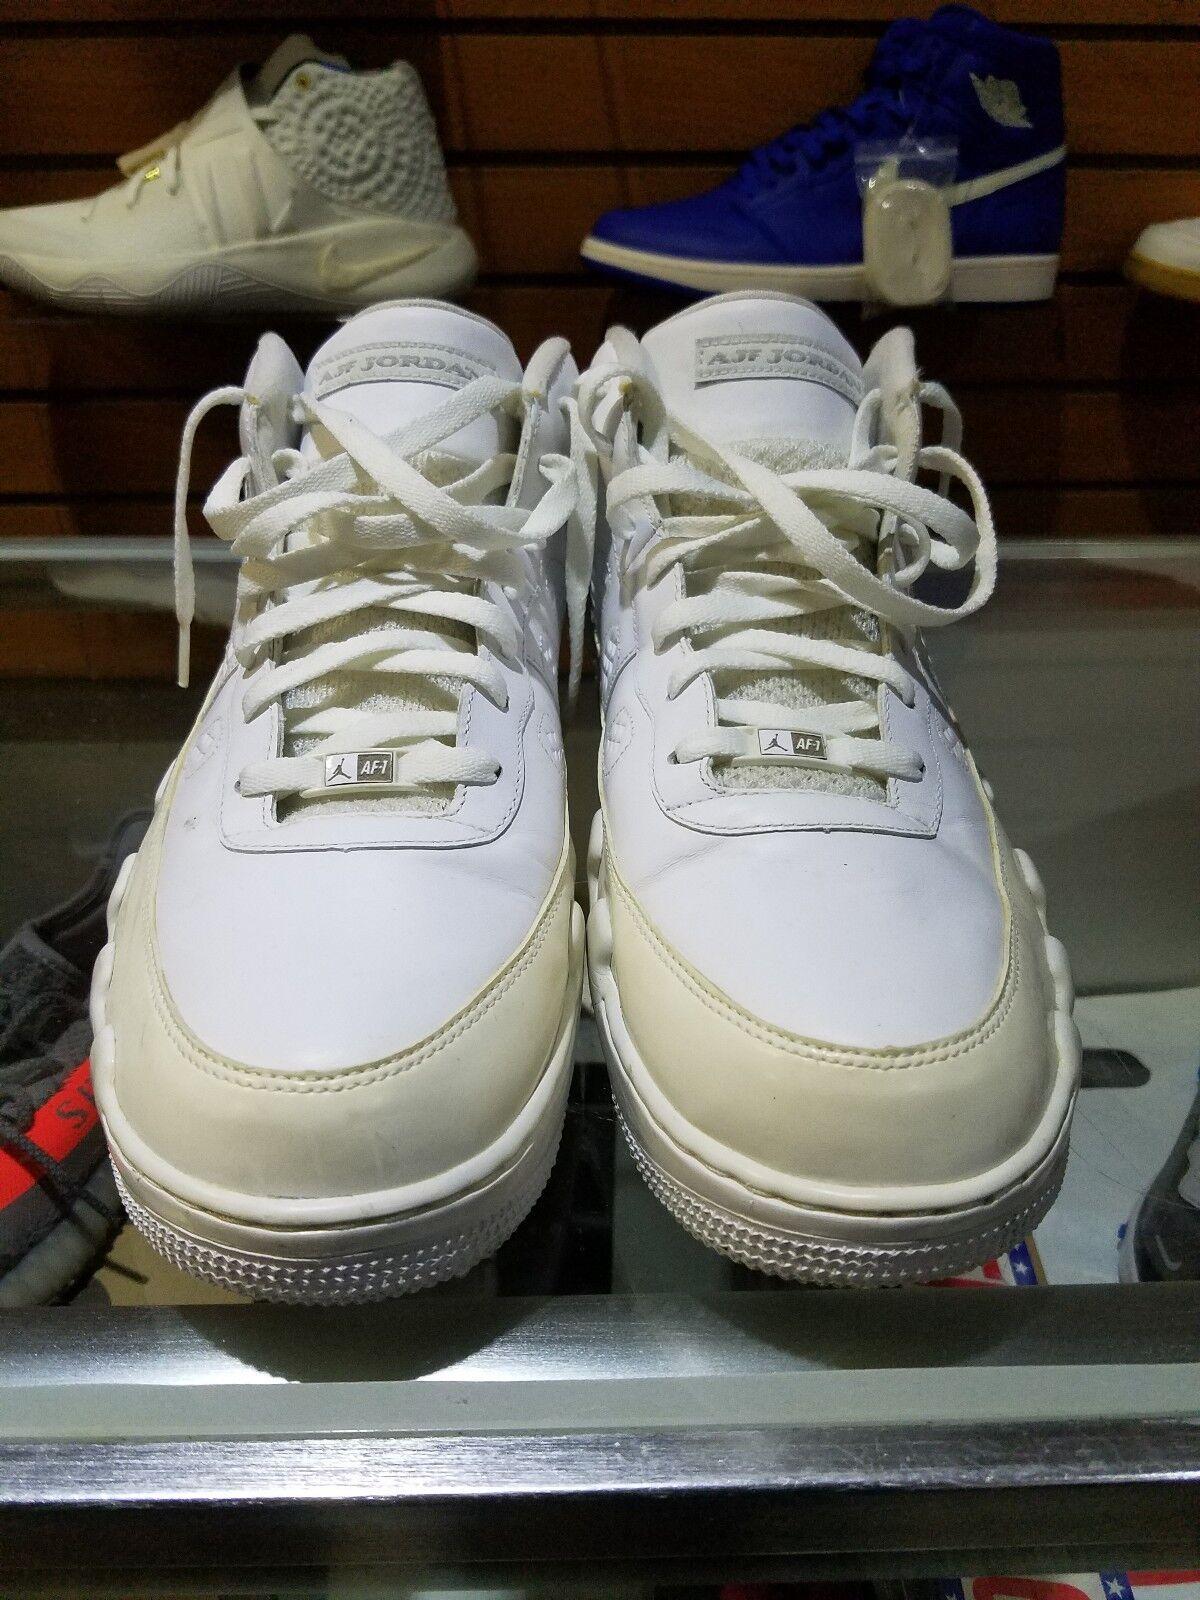 Unreleased 2009 Nike Air Force 1 Jordan 9 Low AJF1 Sample SZ 15 White 315122-124